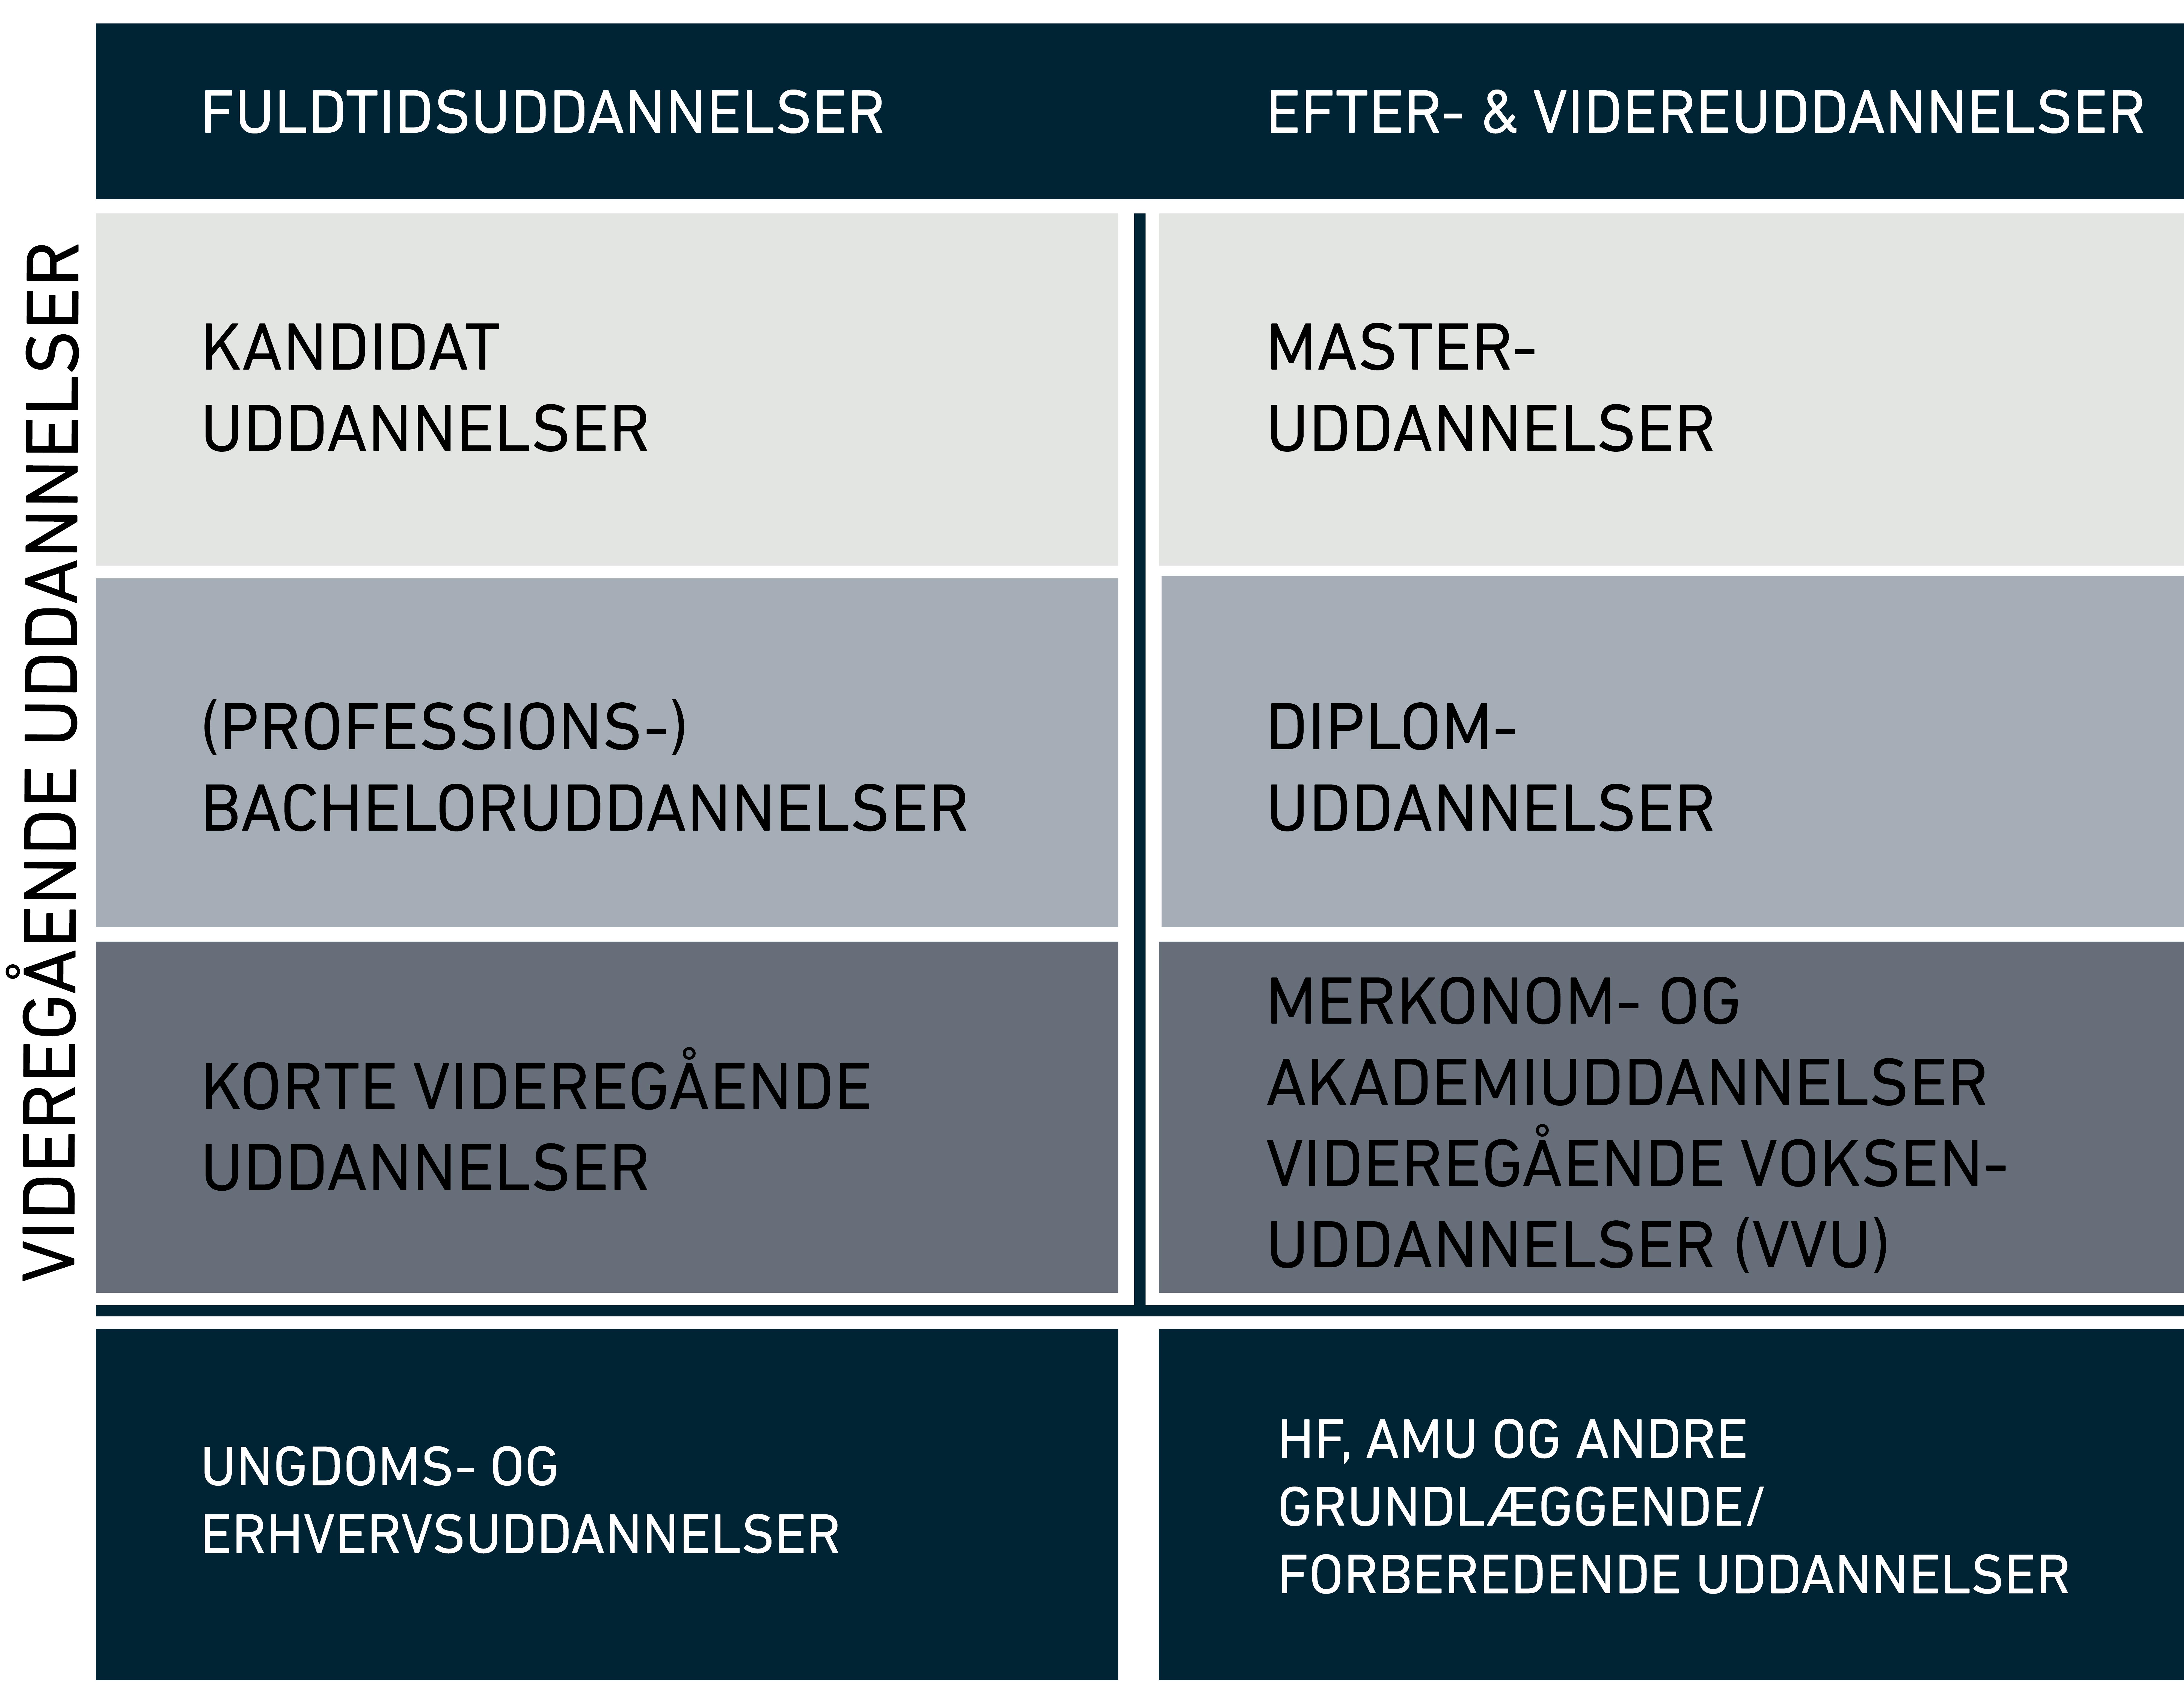 Oversigt over fultidsuddannelsernes niveauer sammenlignet med efter- og videreuddannelserne.